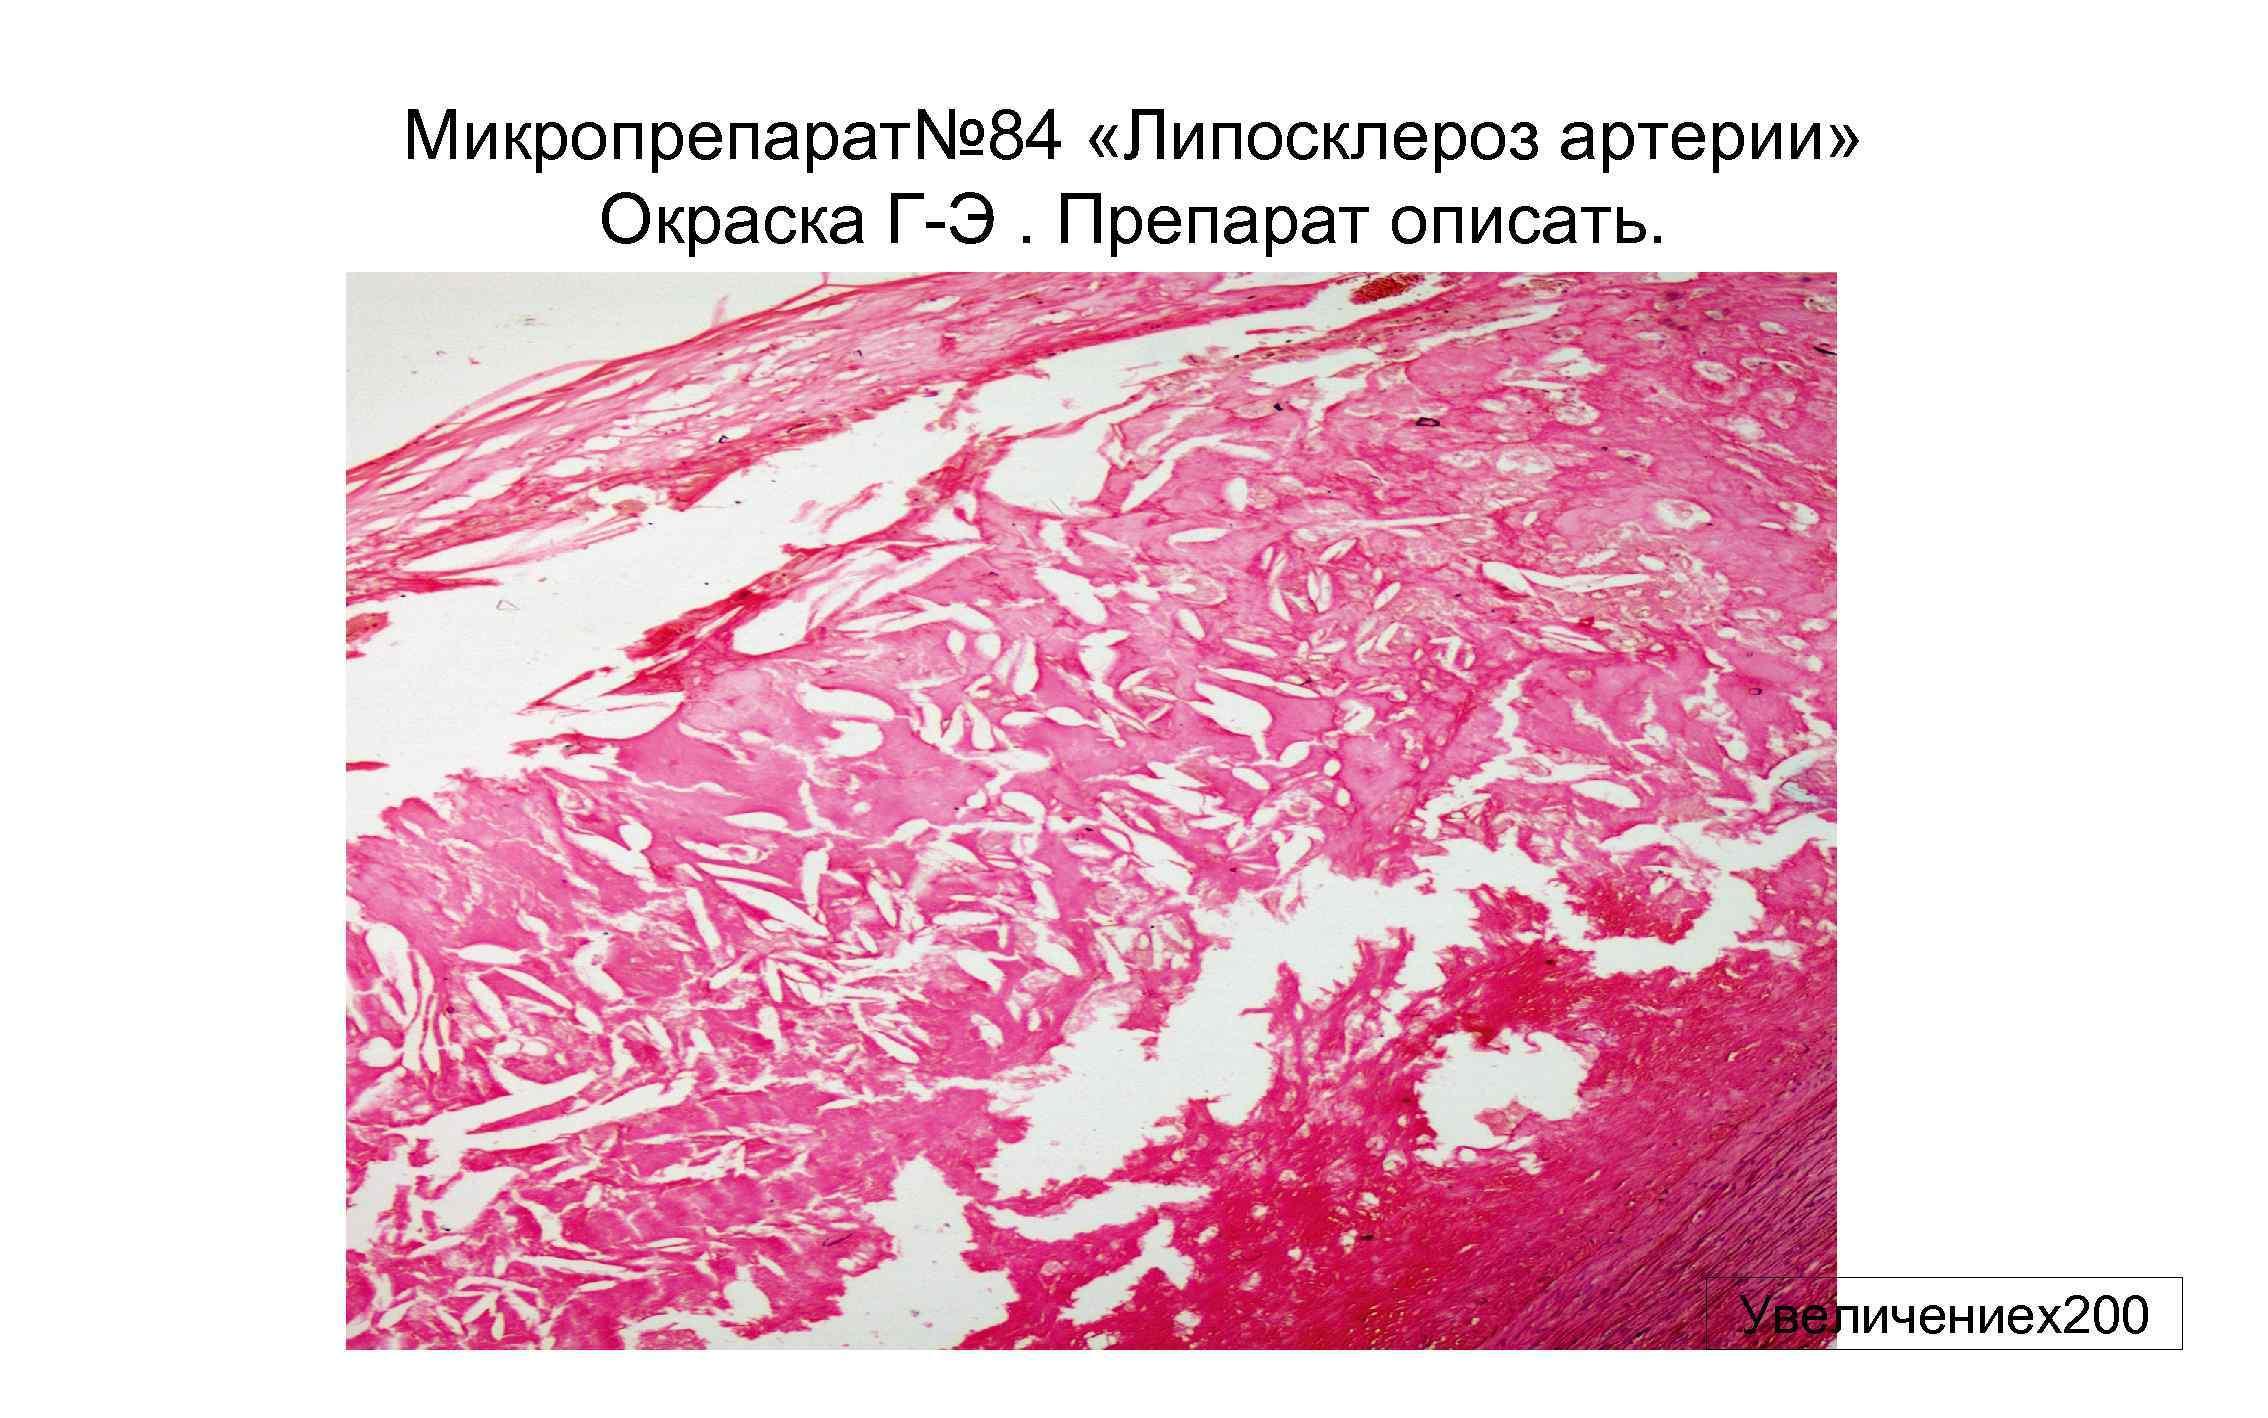 Микропрепарат№ 84 «Липосклероз артерии» Окраска Г-Э. Препарат описать. Увеличениех200